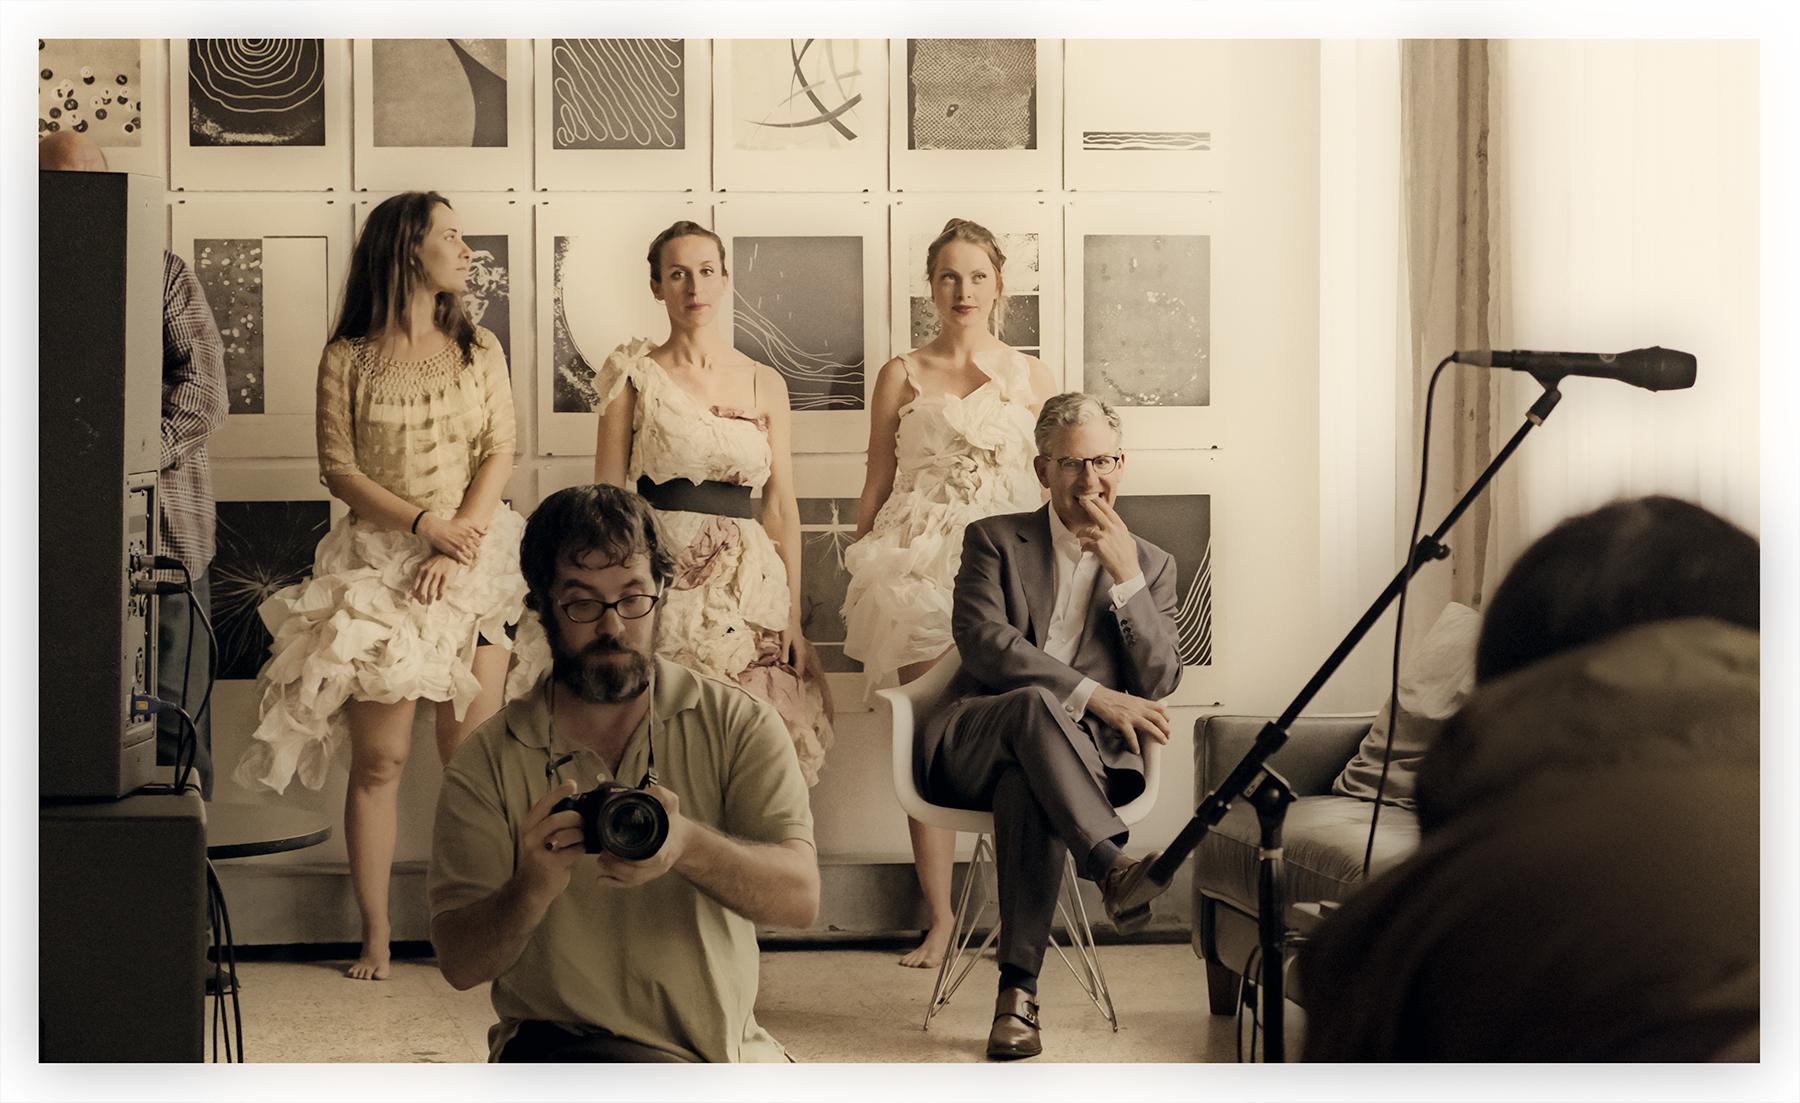 Brother Rutter on dancer/art background, Work Release, Norfolk